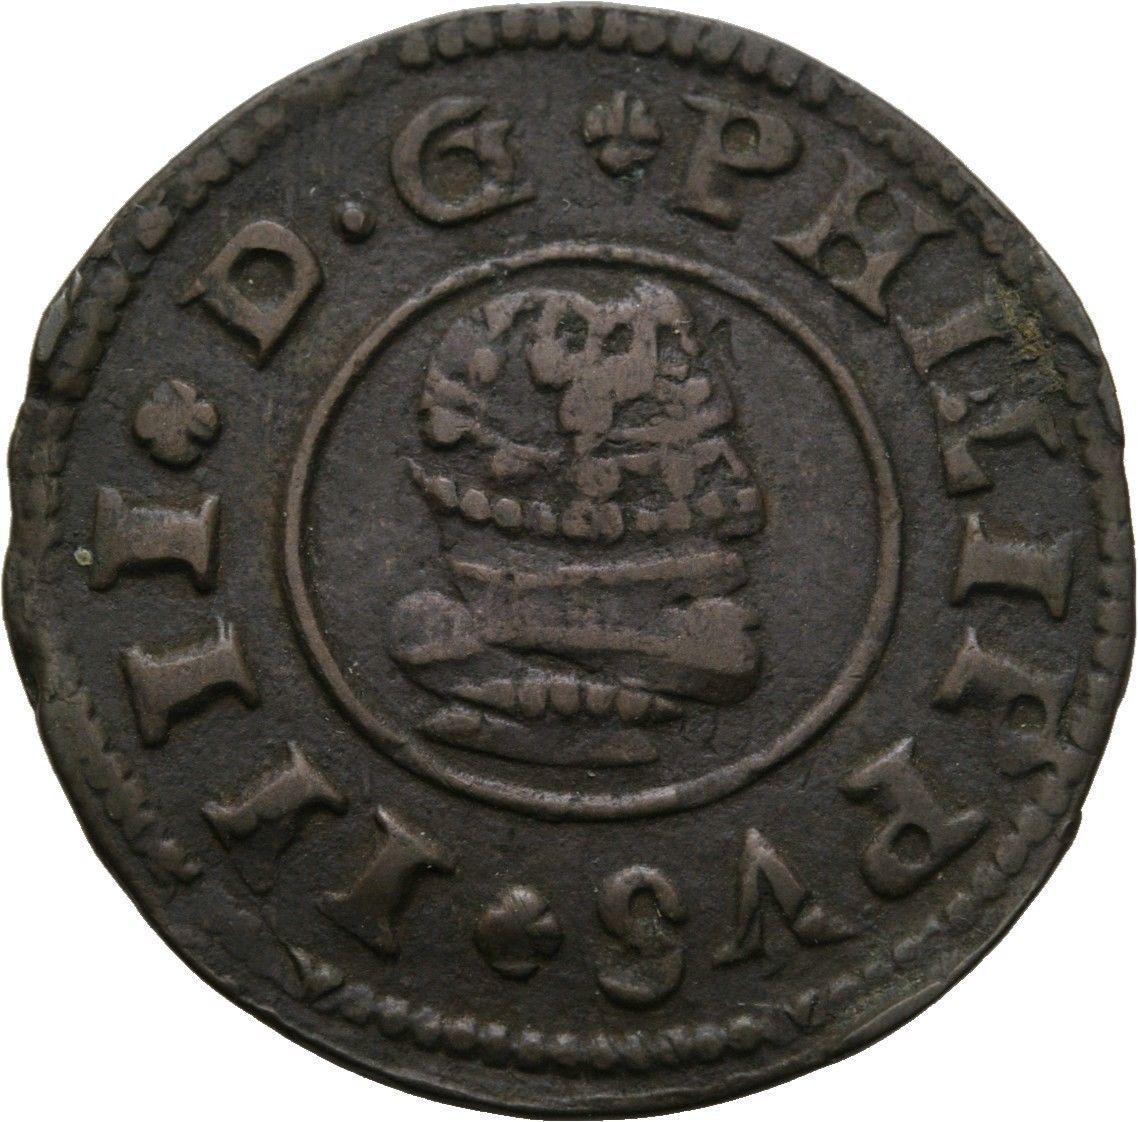 Künker: españa, Felipe IV, 16 maravedis 1662, Madrid